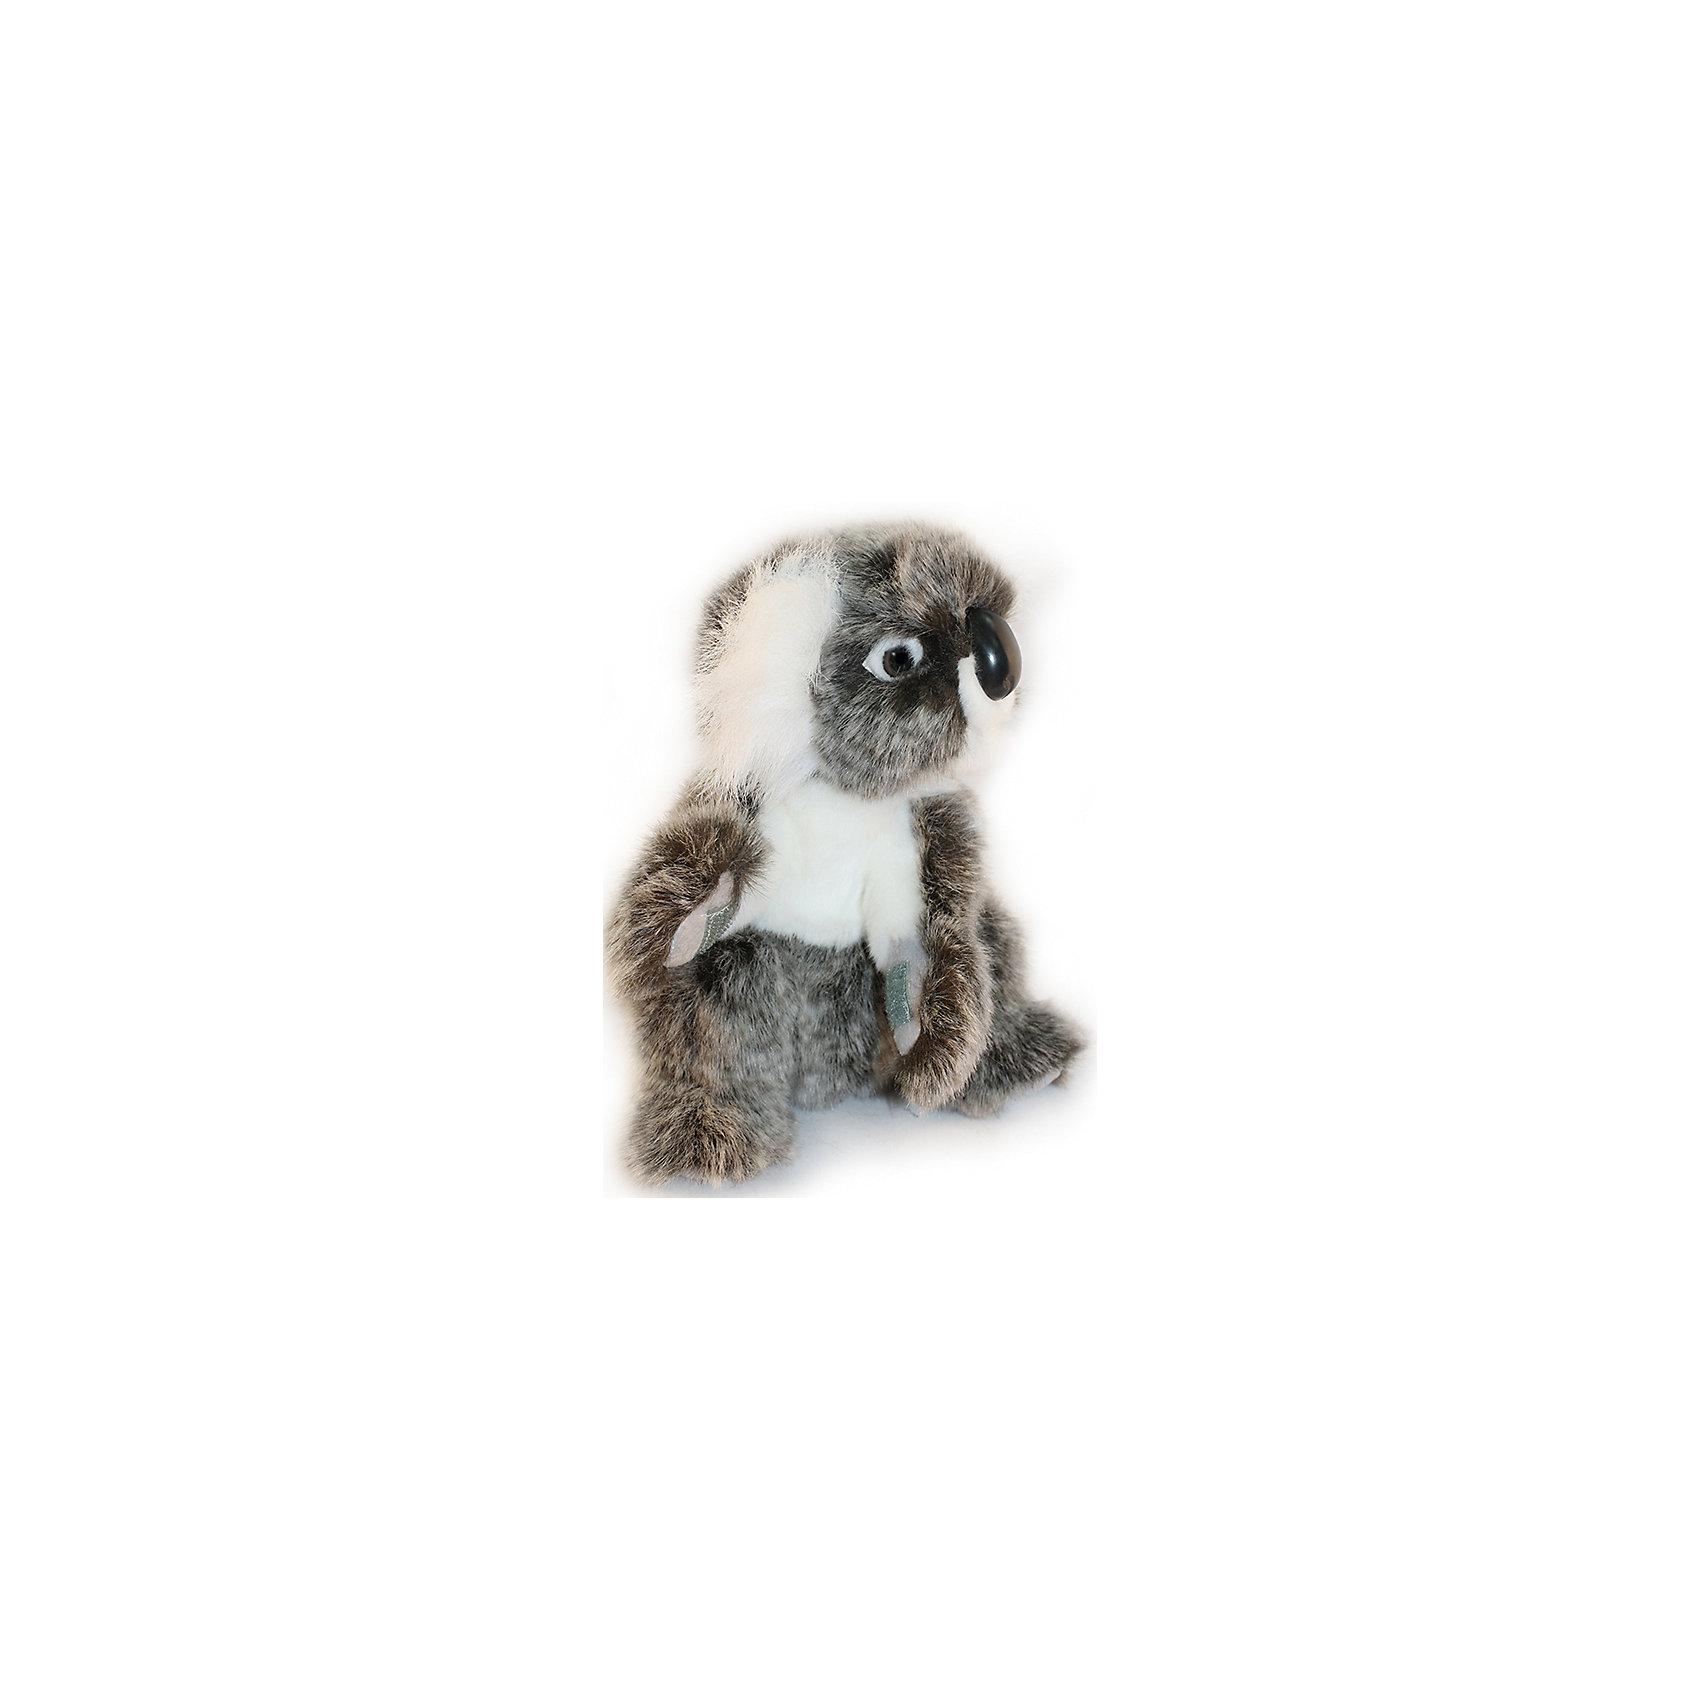 Коала, 21 смМягкие игрушки животные<br>Коала, 21 см – игрушка от знаменитого бренда Hansa, специализирующегося на выпуске мягких игрушек с высокой степенью натуралистичности. Внешний вид игрушки полностью соответствует своему реальному прототипу – коале. Она выполнена из искусственного меха с ворсом средней длины меланжевого окраса. Использованные материалы обладают гипоаллергенными свойствами. Внутри игрушки имеется металлический каркас, позволяющий изменять положение. <br>Игрушка относится к серии Дикие животные. <br>Мягкие игрушки от Hansa подходят для сюжетно-ролевых игр, для обучающих игр, направленных на знакомство с животным миром дикой природы. Кроме того, их можно использовать в качестве интерьерных игрушек. Коллекция из нескольких игрушек позволяет создать свой домашний зоопарк, который будет радовать вашего ребенка долгое время, так как ручная работа и качественные материалы гарантируют их долговечность и прочность.<br><br>Дополнительная информация:<br><br>- Вид игр: сюжетно-ролевые игры, коллекционирование, интерьерные игрушки<br>- Предназначение: для дома, для детских развивающих центров, для детских садов<br>- Материал: искусственный мех, наполнитель ? полиэфирное волокно<br>- Размер (ДхШхВ): 16*21*15 см<br>- Вес: 270 г<br>- Особенности ухода: сухая чистка при помощи пылесоса или щетки для одежды<br><br>Подробнее:<br><br>• Для детей в возрасте: от 3 лет <br>• Страна производитель: Филиппины<br>• Торговый бренд: Hansa<br><br>Коалу, 21 см можно купить в нашем интернет-магазине.<br><br>Ширина мм: 16<br>Глубина мм: 21<br>Высота мм: 15<br>Вес г: 270<br>Возраст от месяцев: 36<br>Возраст до месяцев: 2147483647<br>Пол: Унисекс<br>Возраст: Детский<br>SKU: 4927143